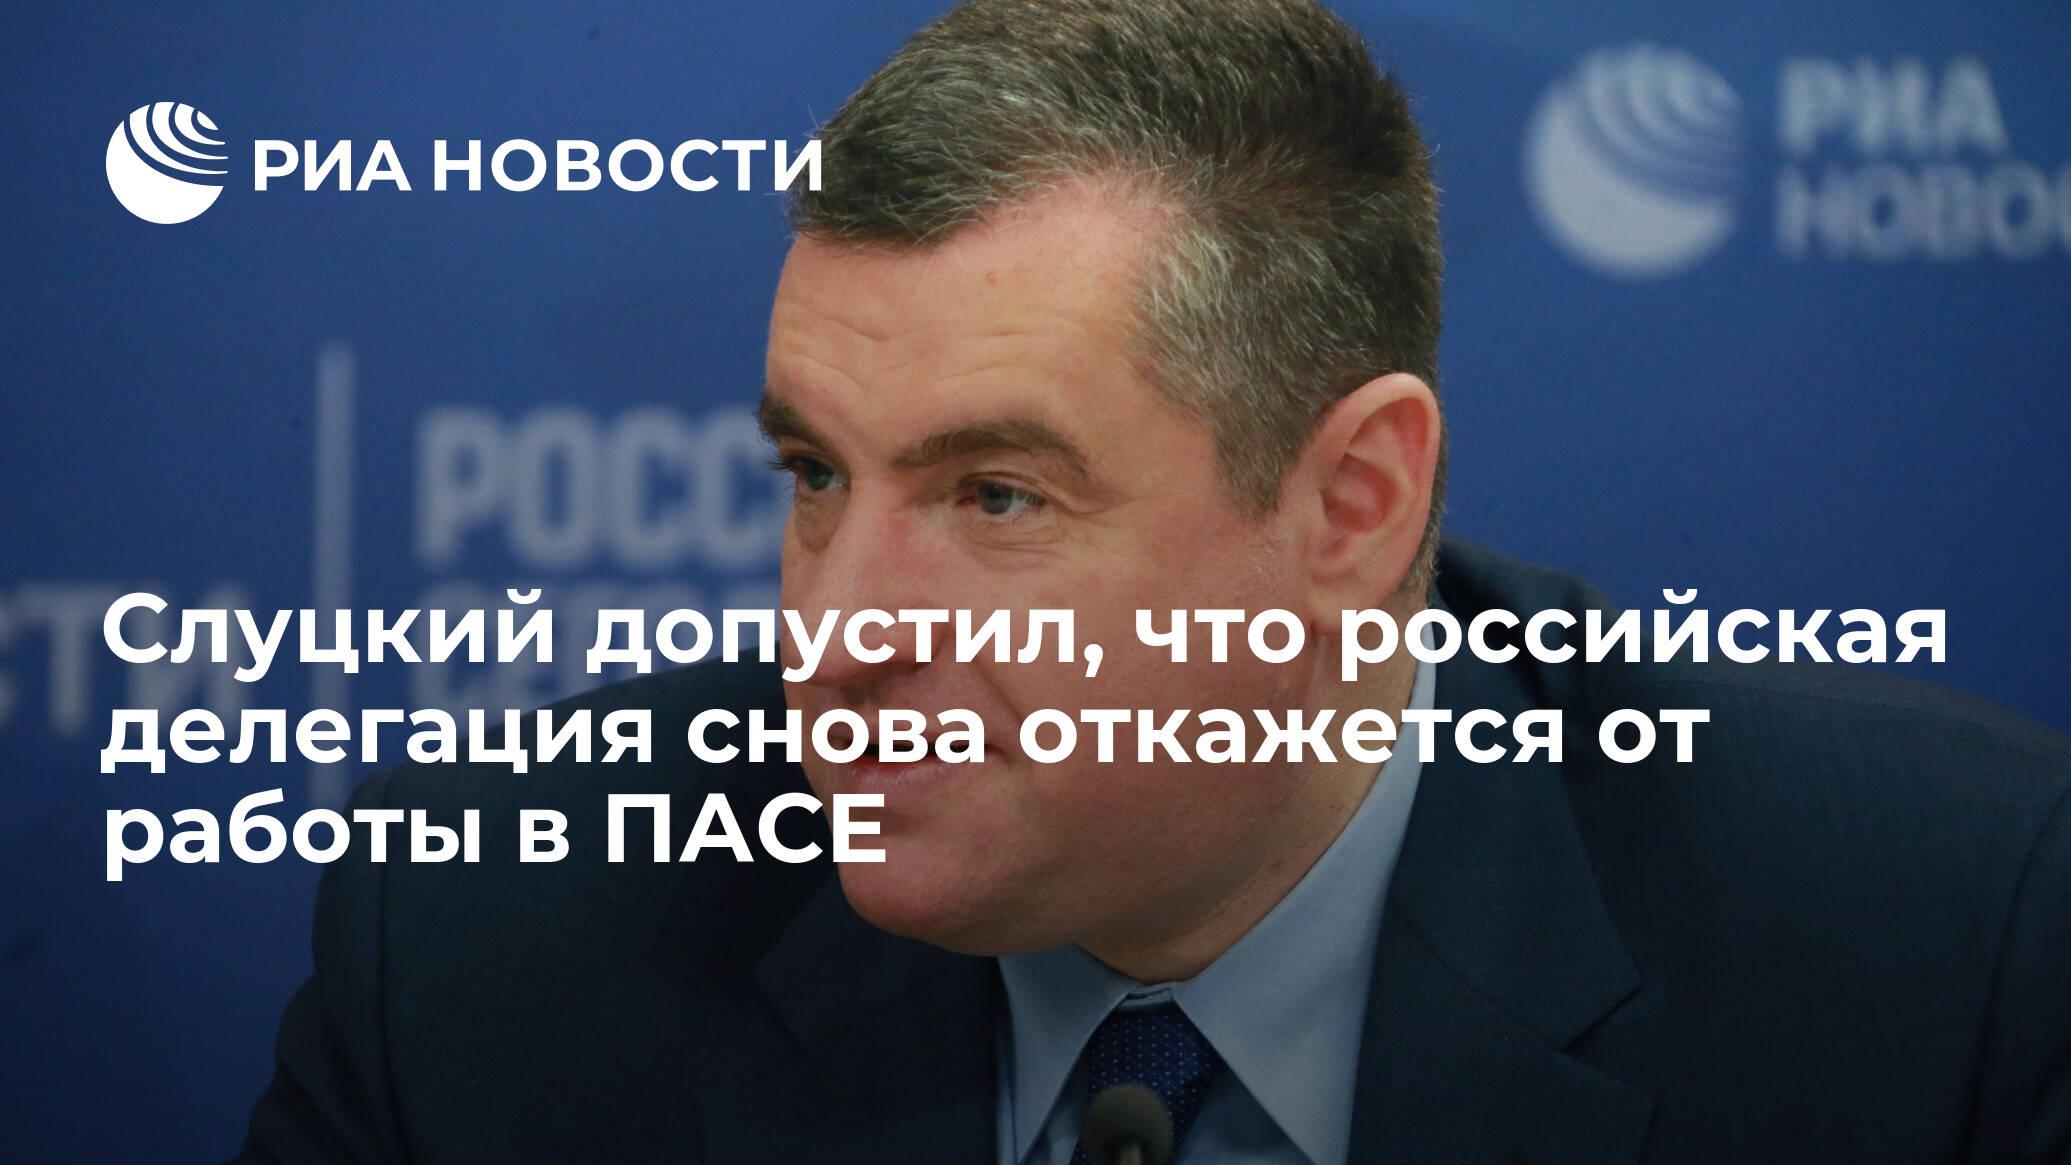 Слуцкий допустил, что российская делегация снова откажется от работы в ПАСЕ